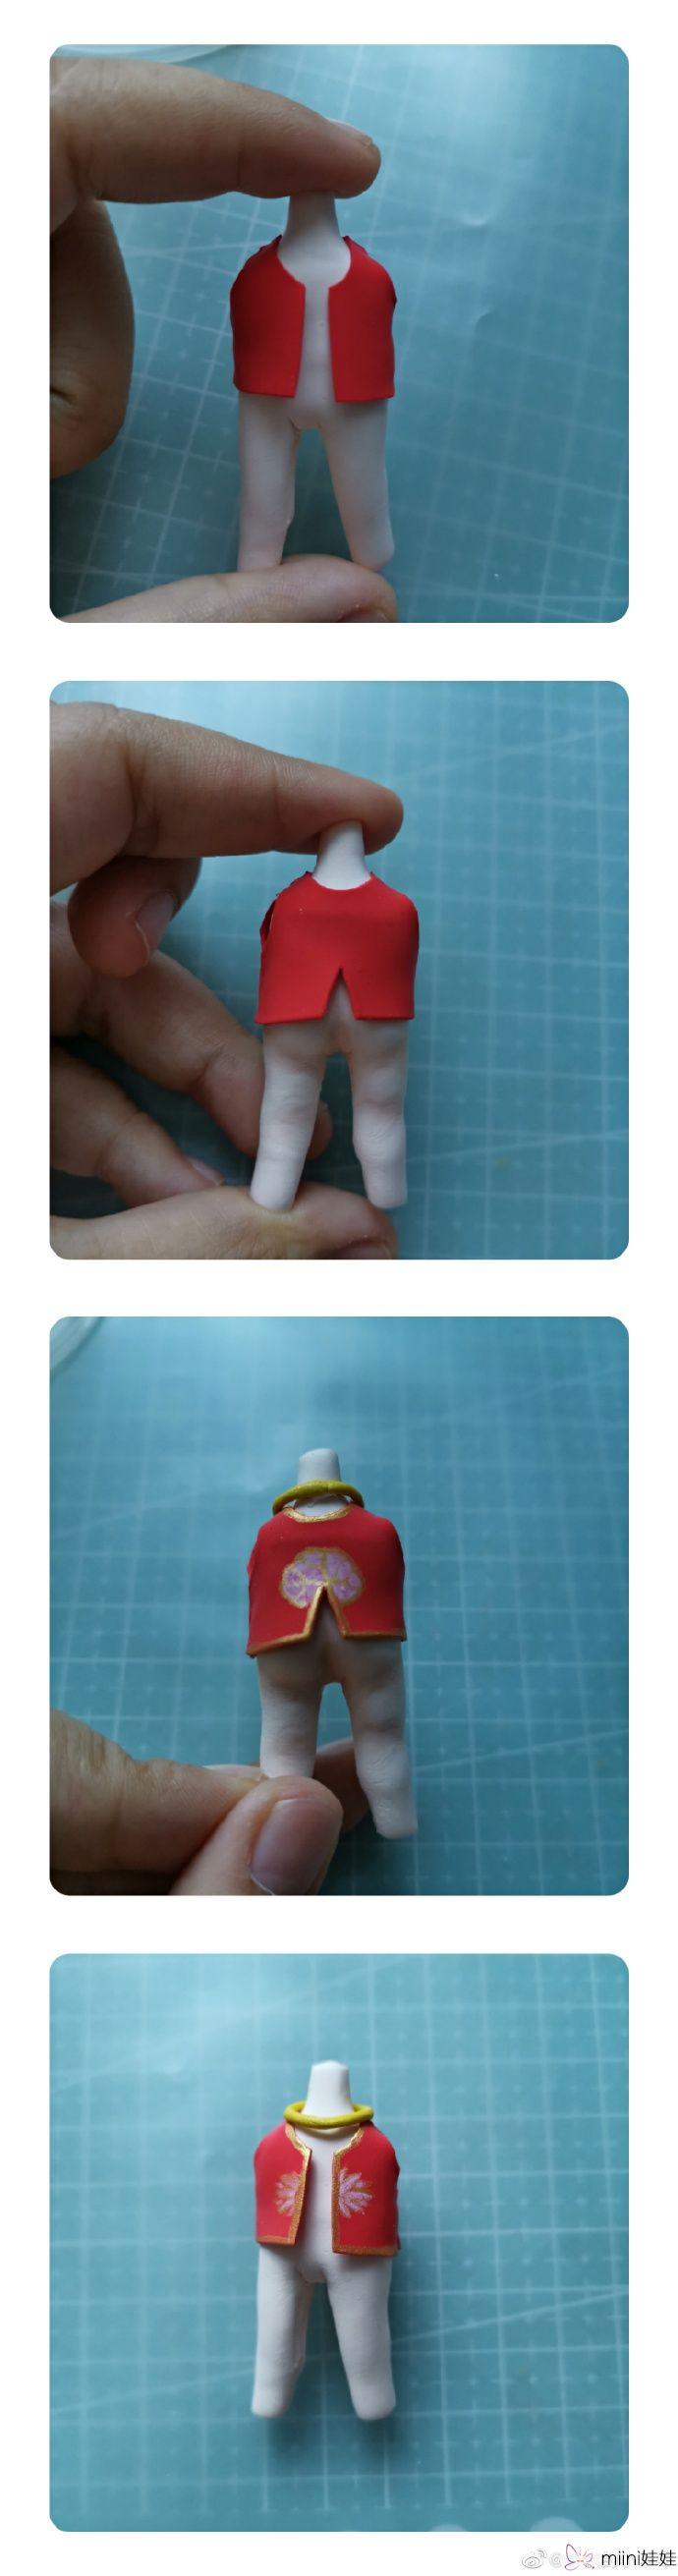 正在撒尿的小哪吒粘土玩偶